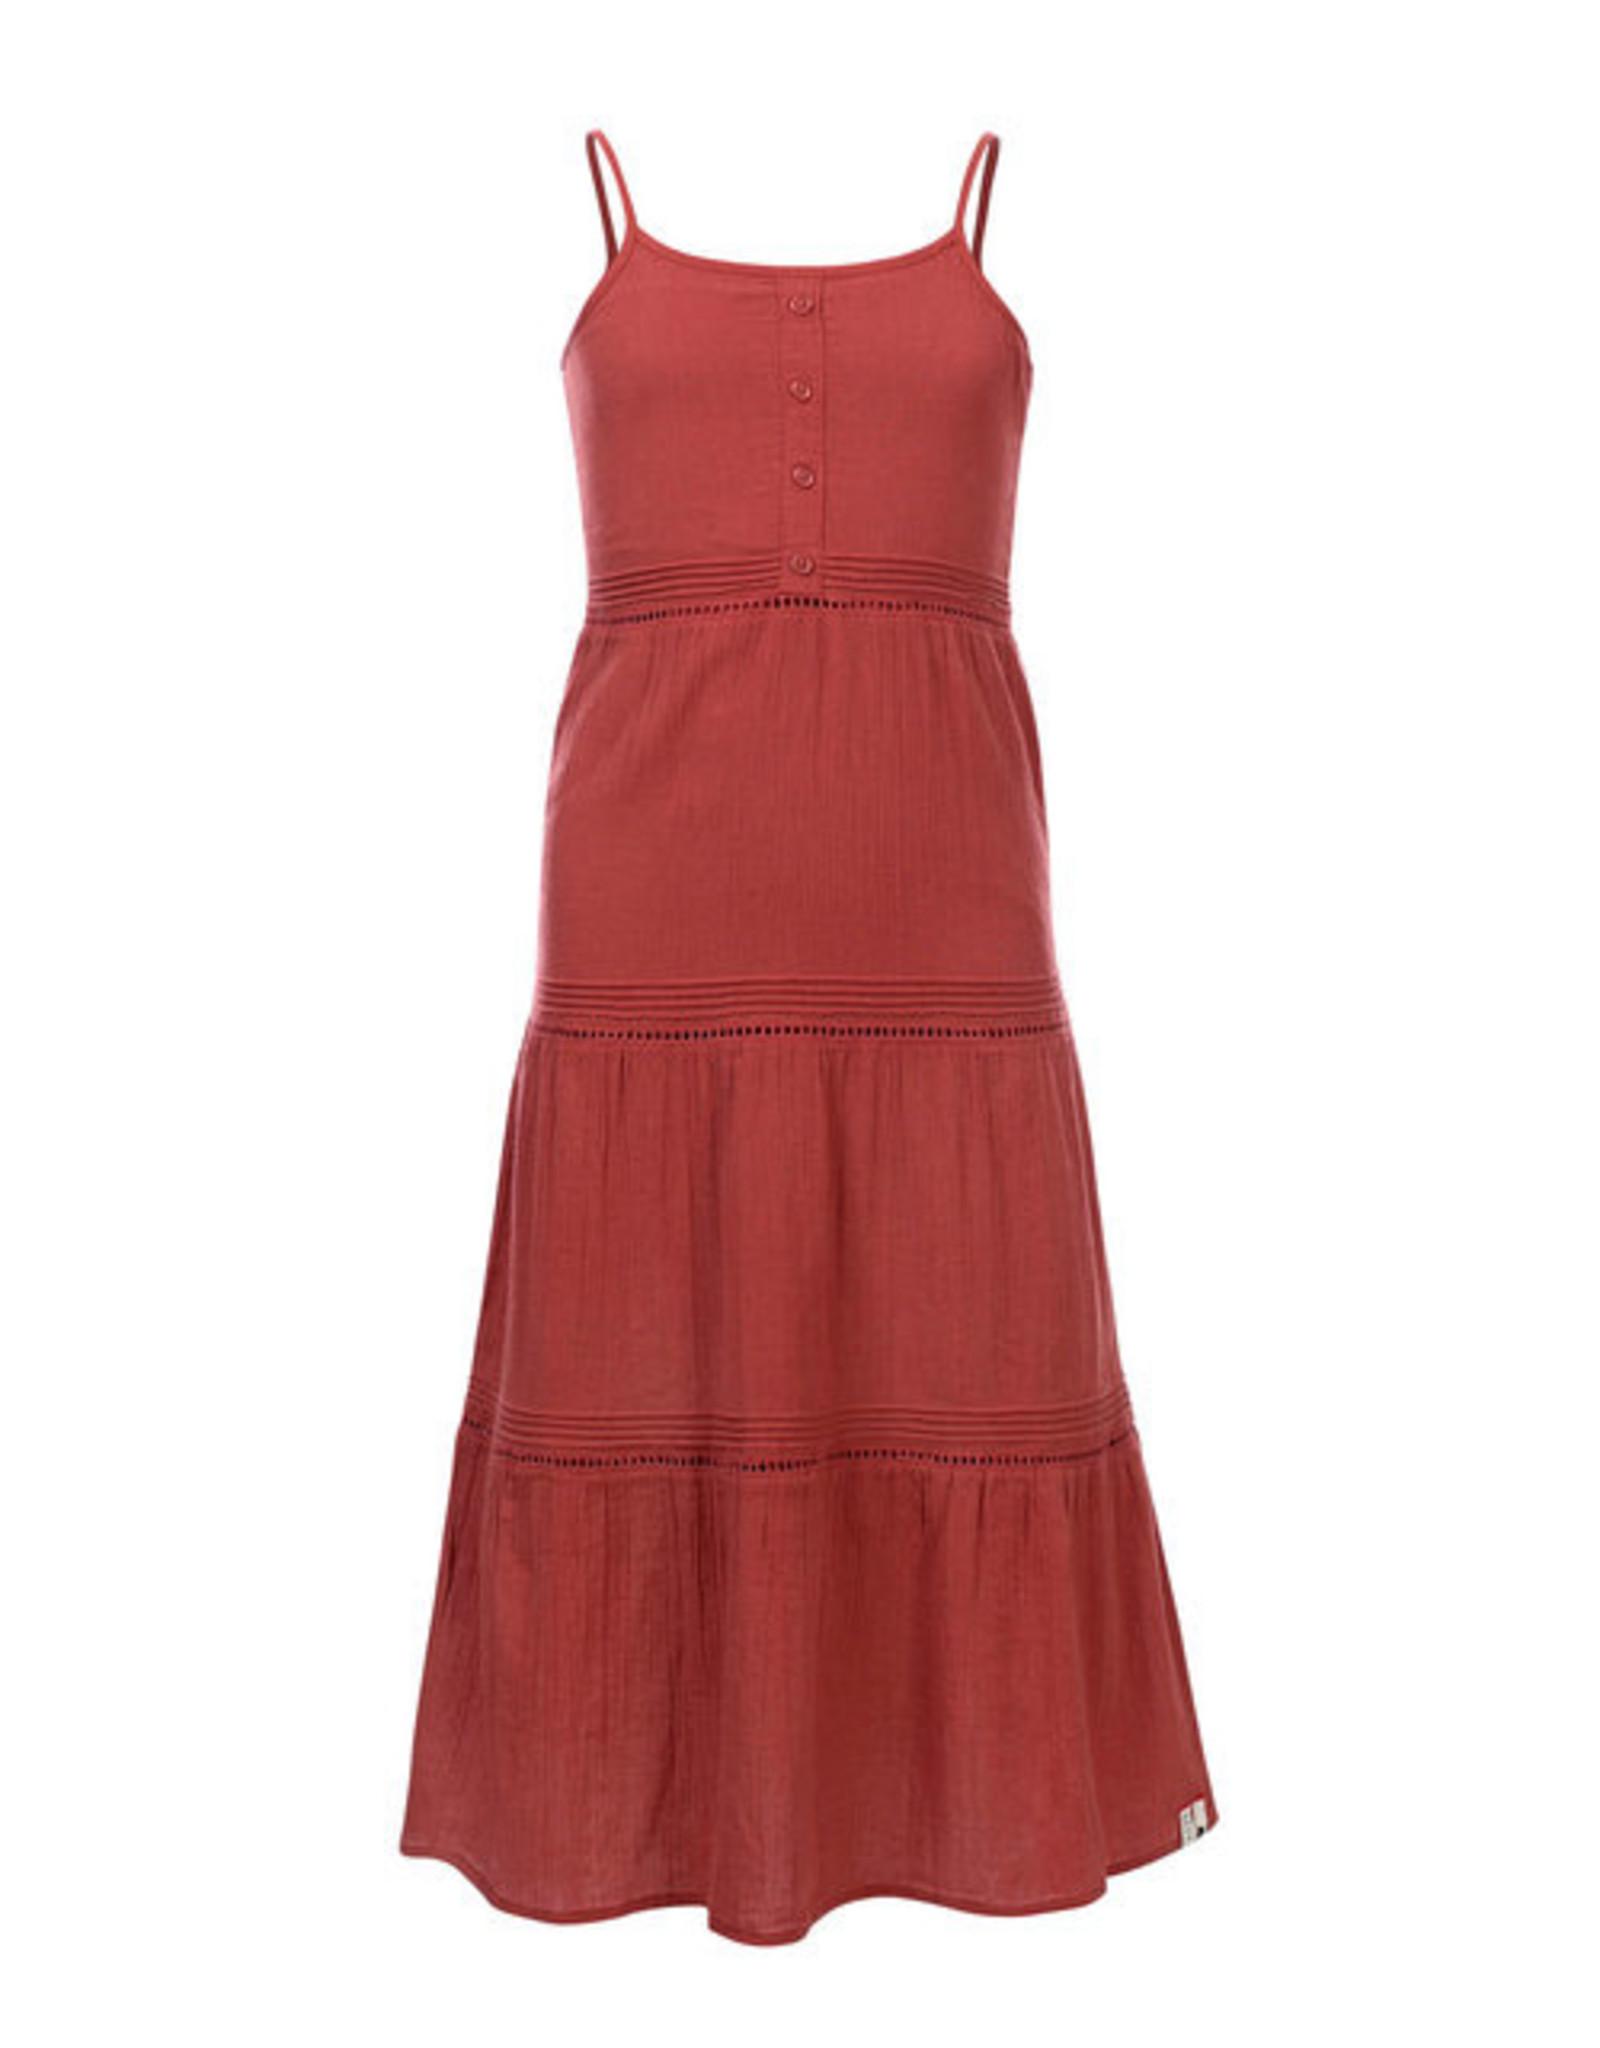 LOOXS 10sixteen 10Sixteen Long Dress